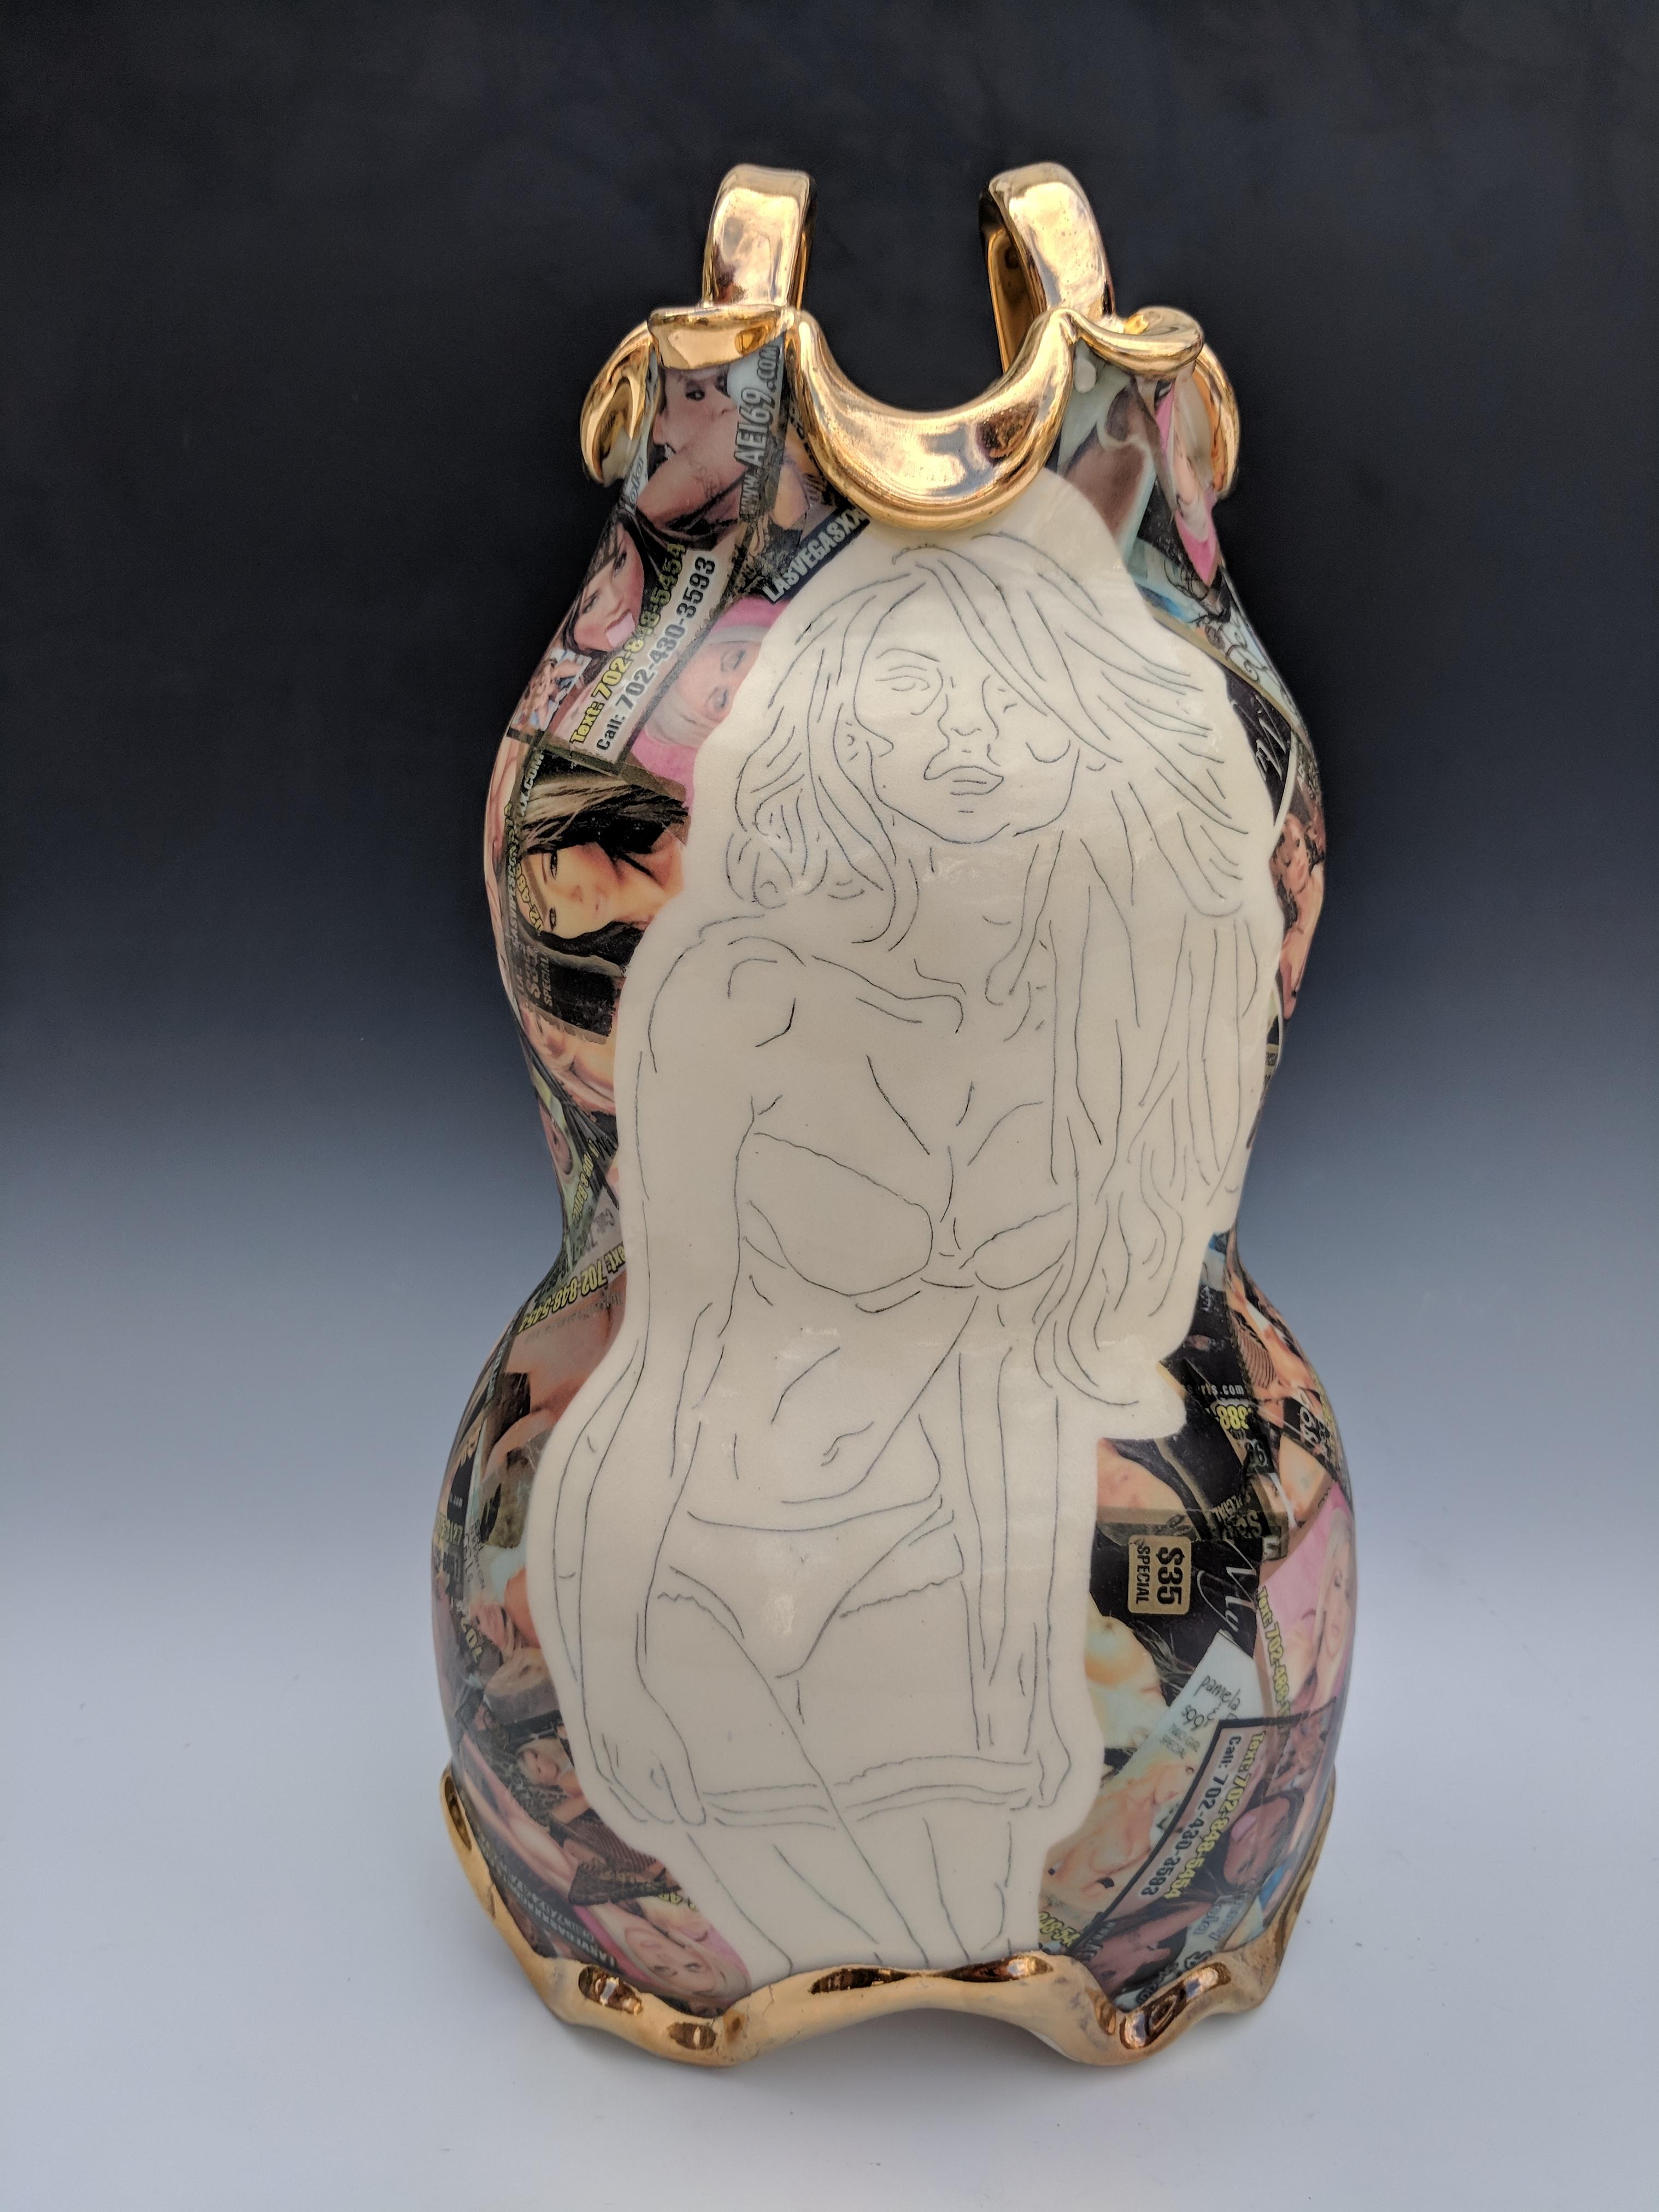 Nevada Prostitution Vase